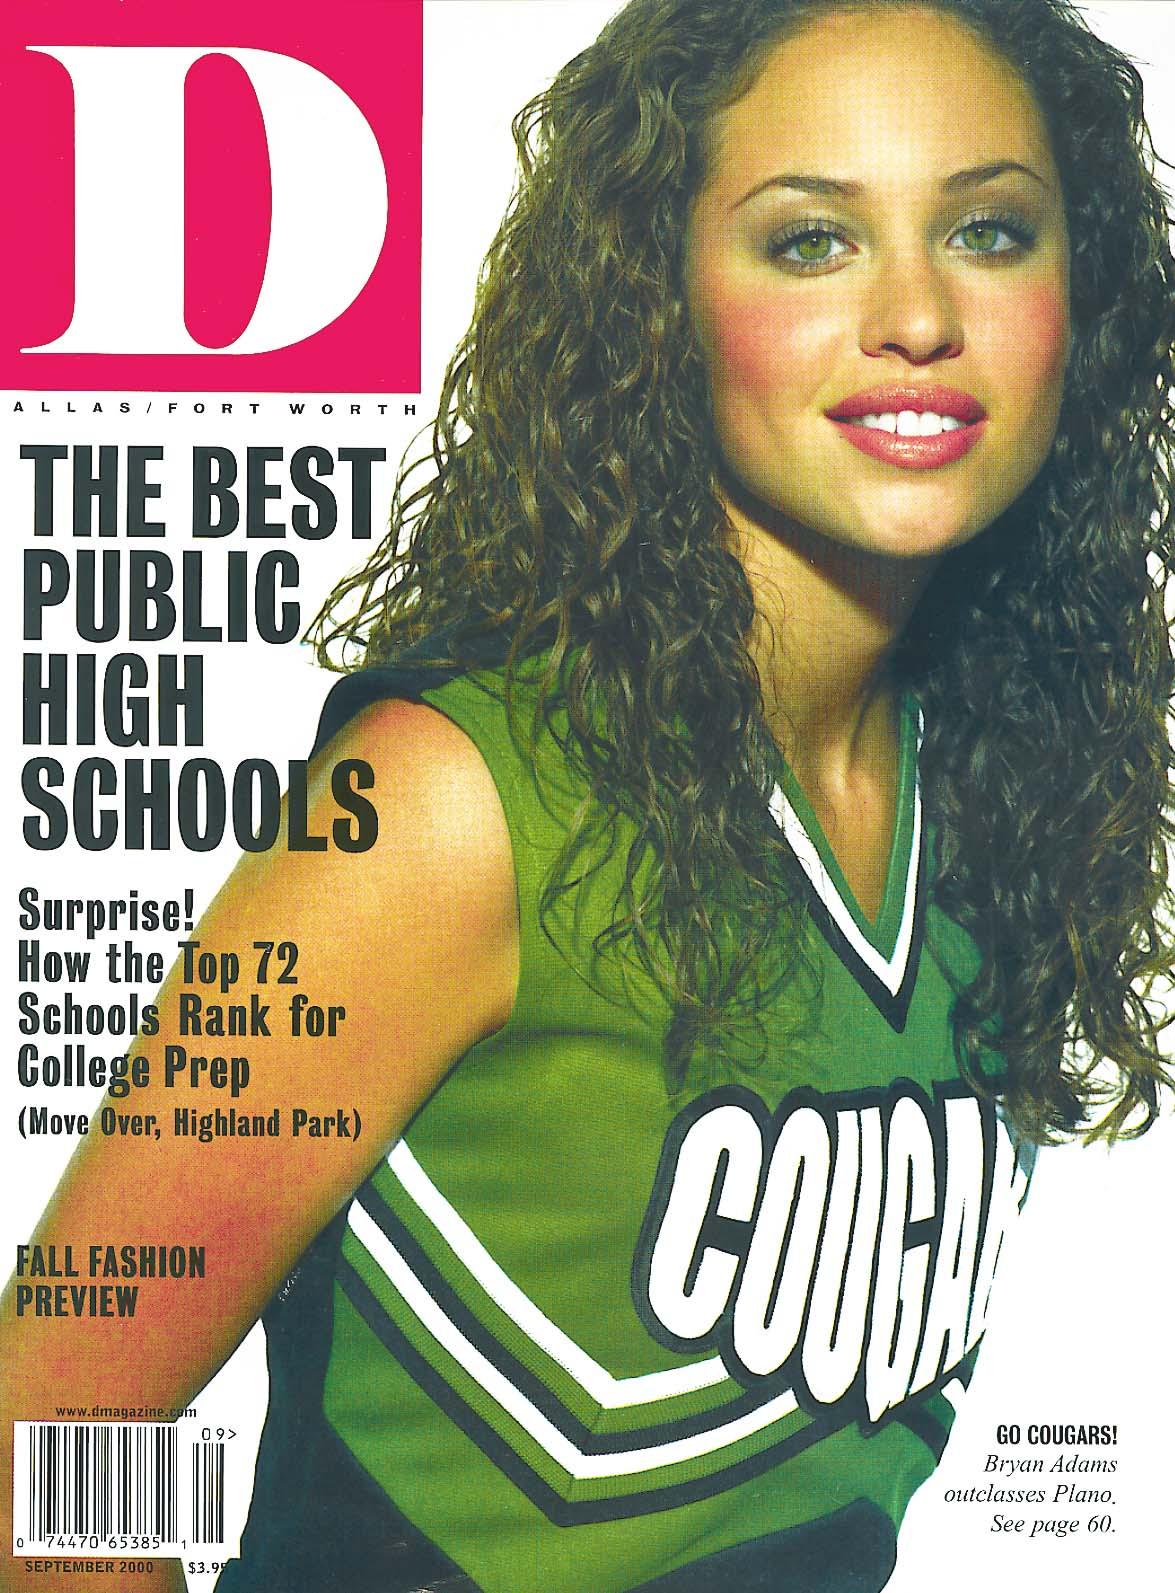 September 2000 cover